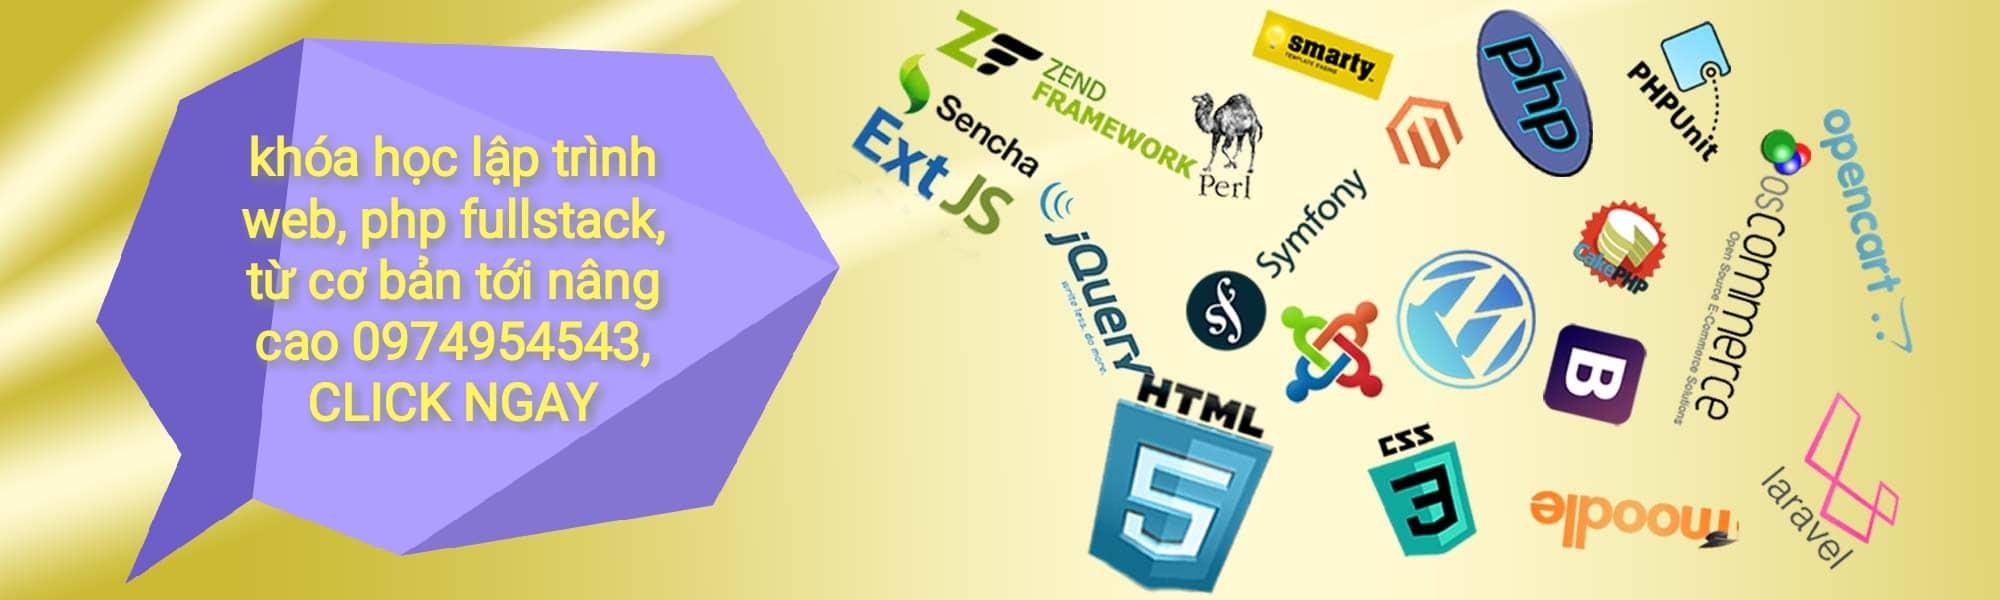 Dạy lập trình Website với PHP tốt nhất Việt Nam